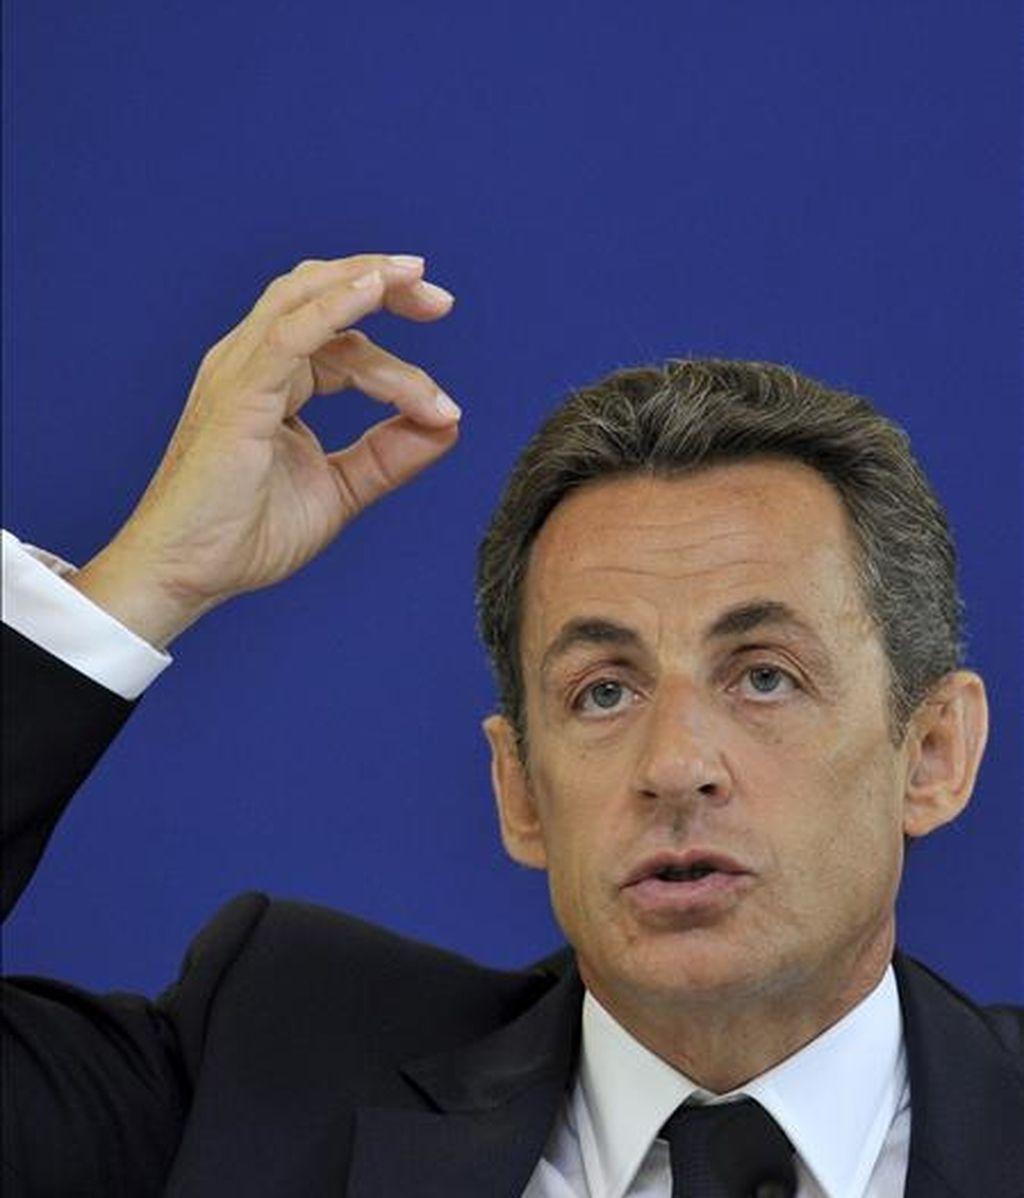 """El presidente francés, Nicolas Sarkozy, comparecerá en la cadena de televisión pública """"France 2"""" el próximo lunes para hablar de cuestiones de """"actualidad"""", entre las que sin duda se incluirá el escándalo protagonizado por la heredera de L'Oréal, Liliane Bettencourt. EFE/Archivo"""